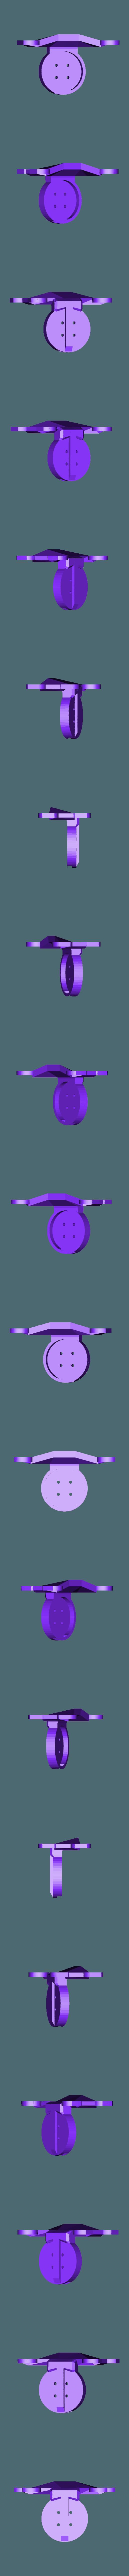 Sp_drone_gimbal_roll.stl Télécharger fichier STL gratuit Drone Sprank (bourdon de course avec cardan à came) • Objet pour impression 3D, mwilmars